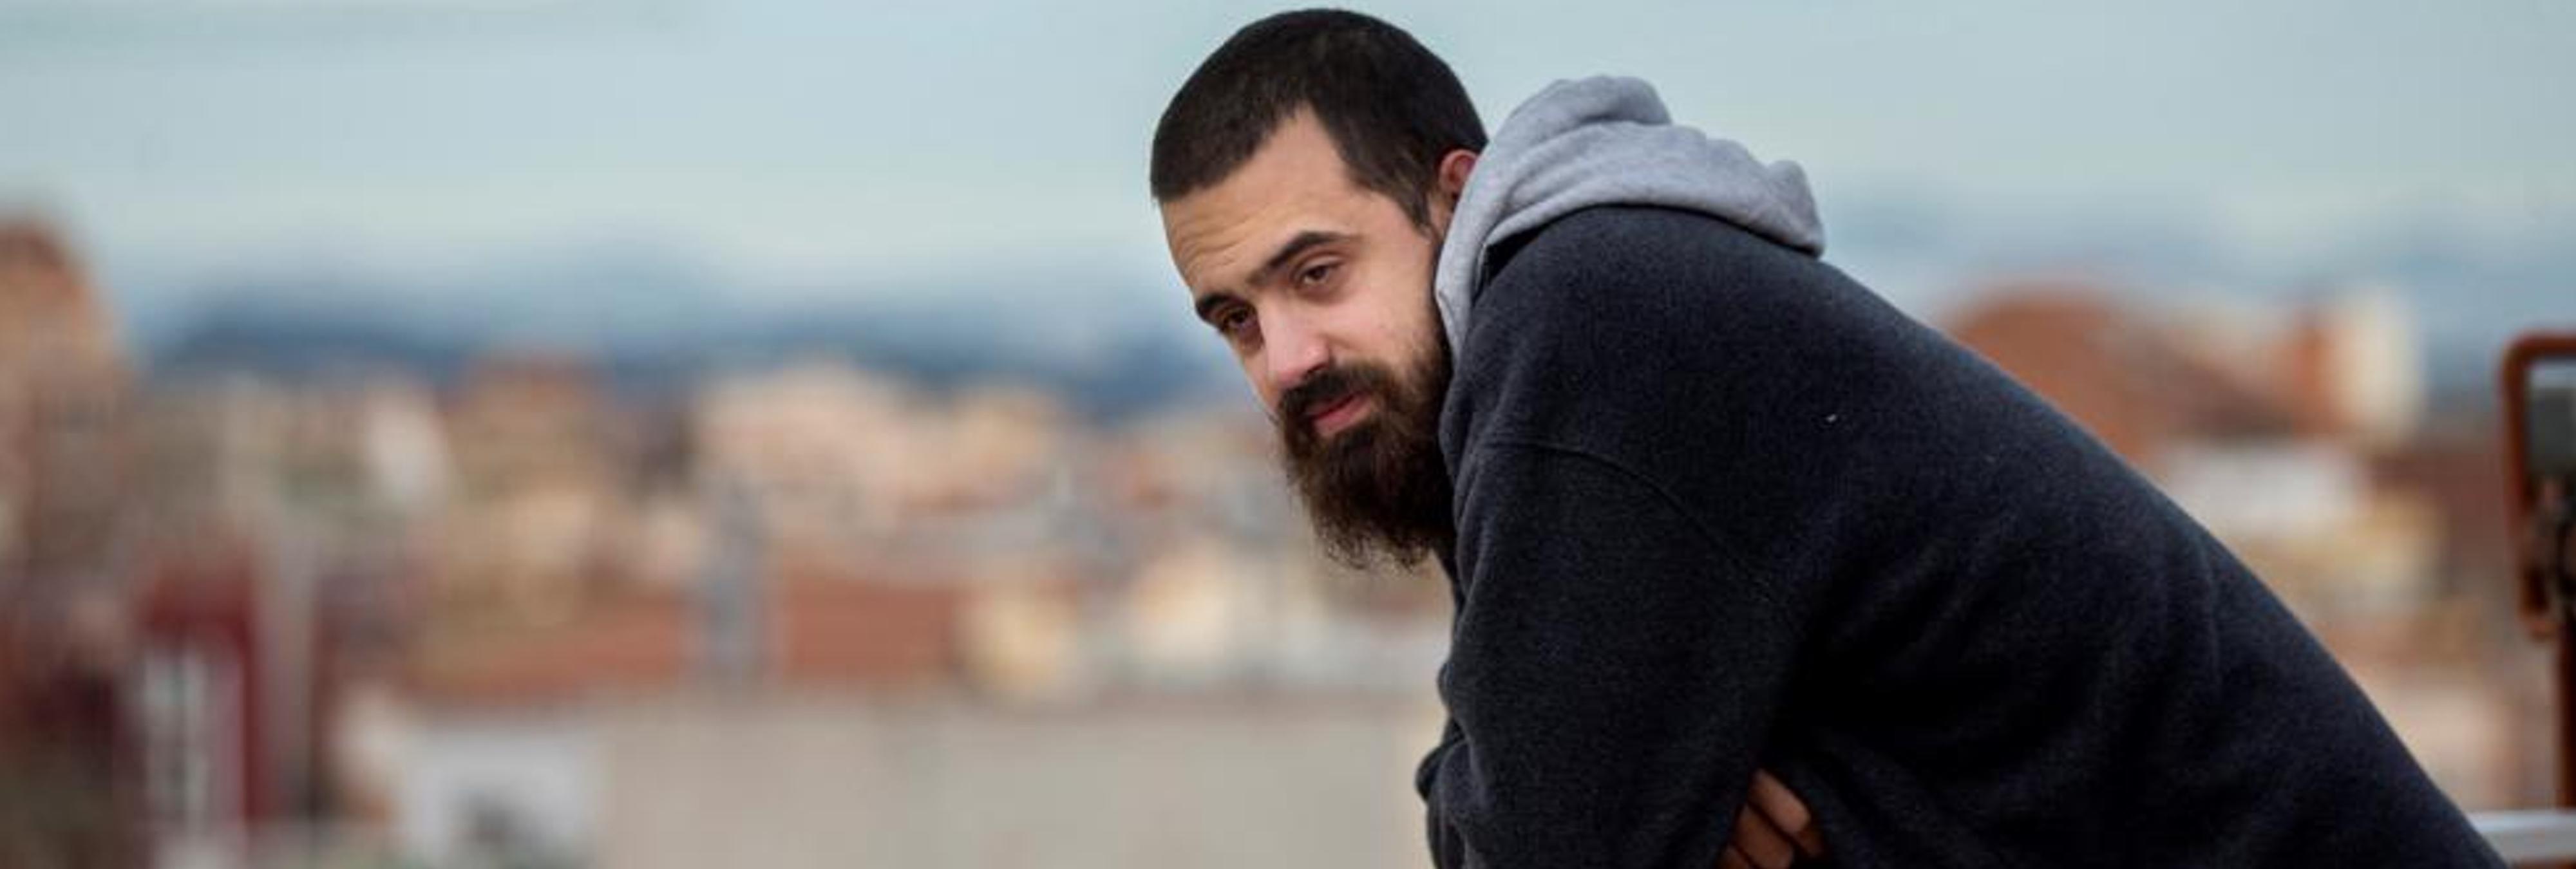 Machista, homófobo y xenófobo: así es Jaume Vives, portavoz de Tabarnia